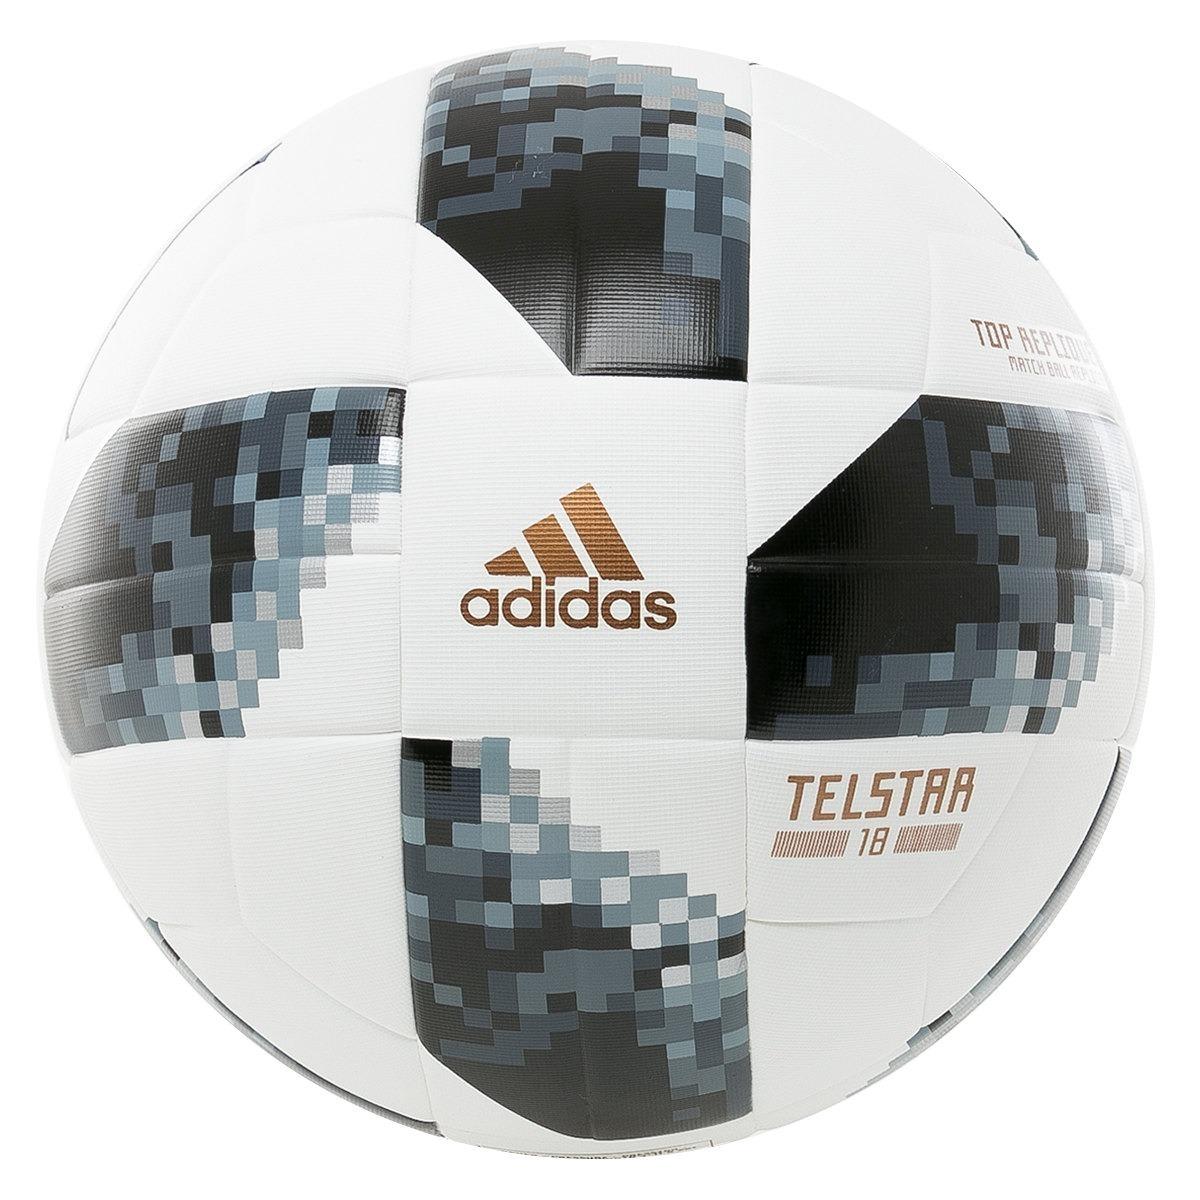 7b8018a12c06b Pelota Telstar 18 World Cup Top Replique adidas Original -   1.210 ...